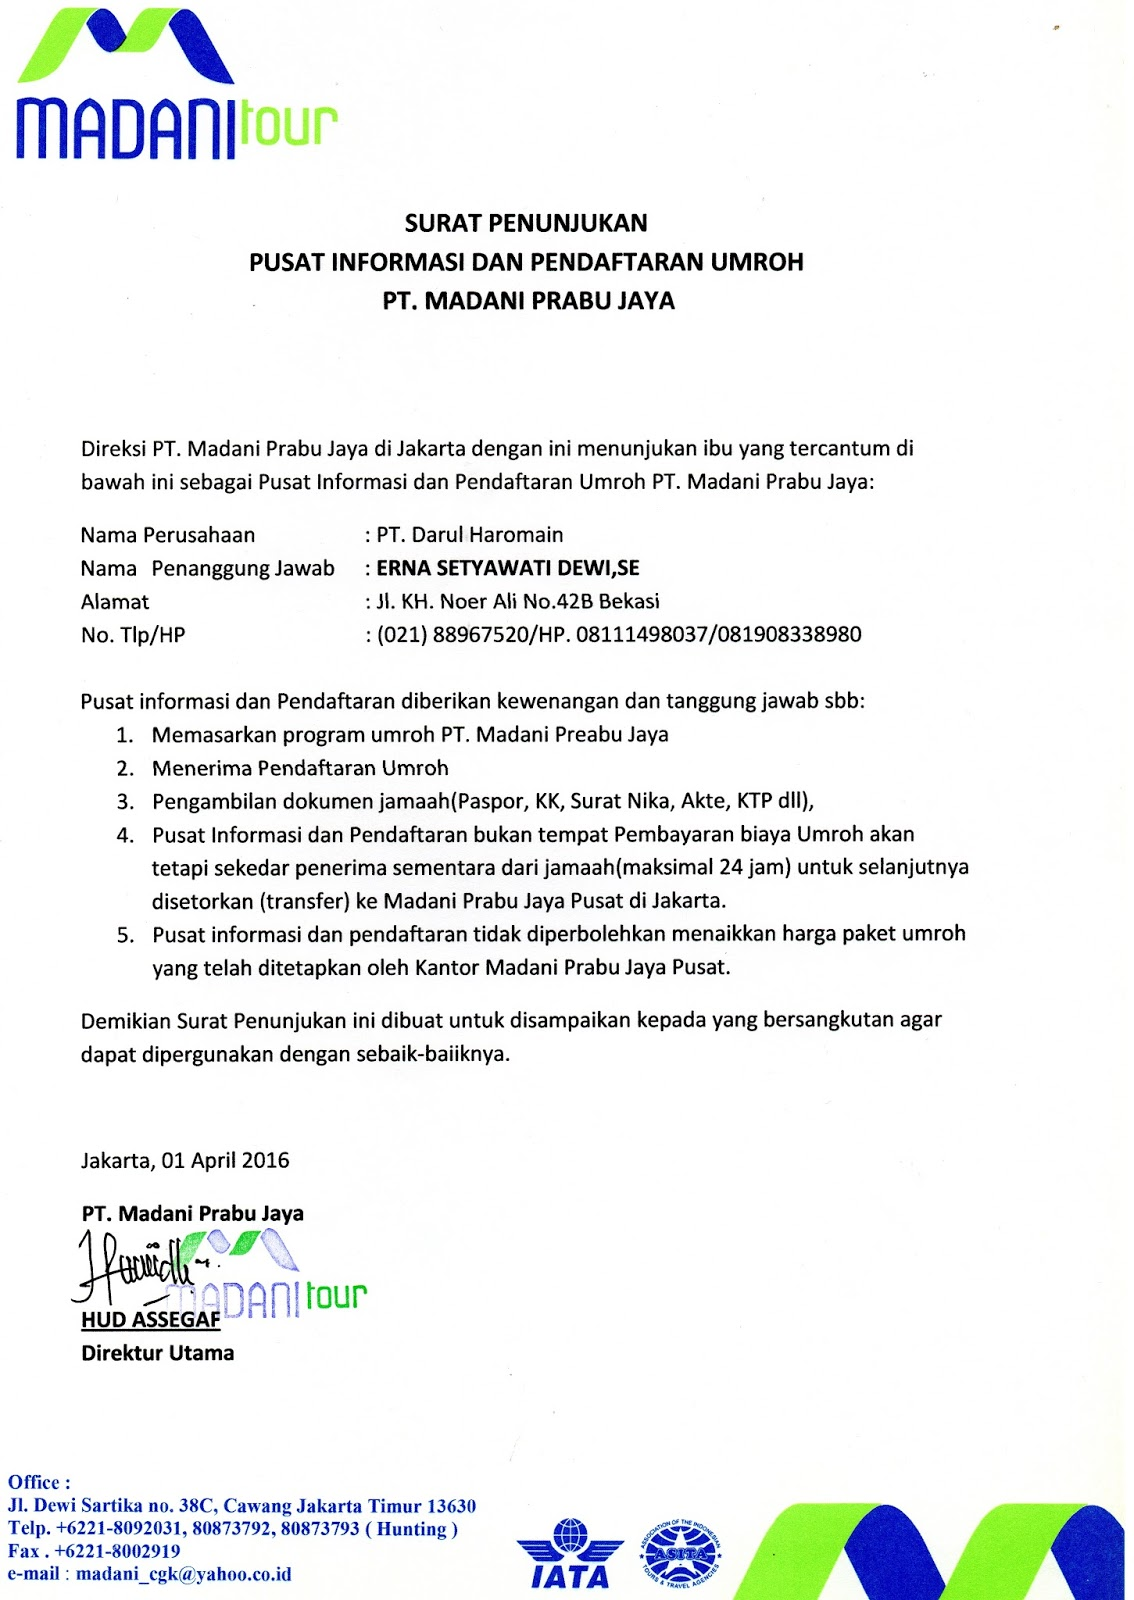 Contoh Surat Penunjukan Pusat Informasi - Ketik Surat